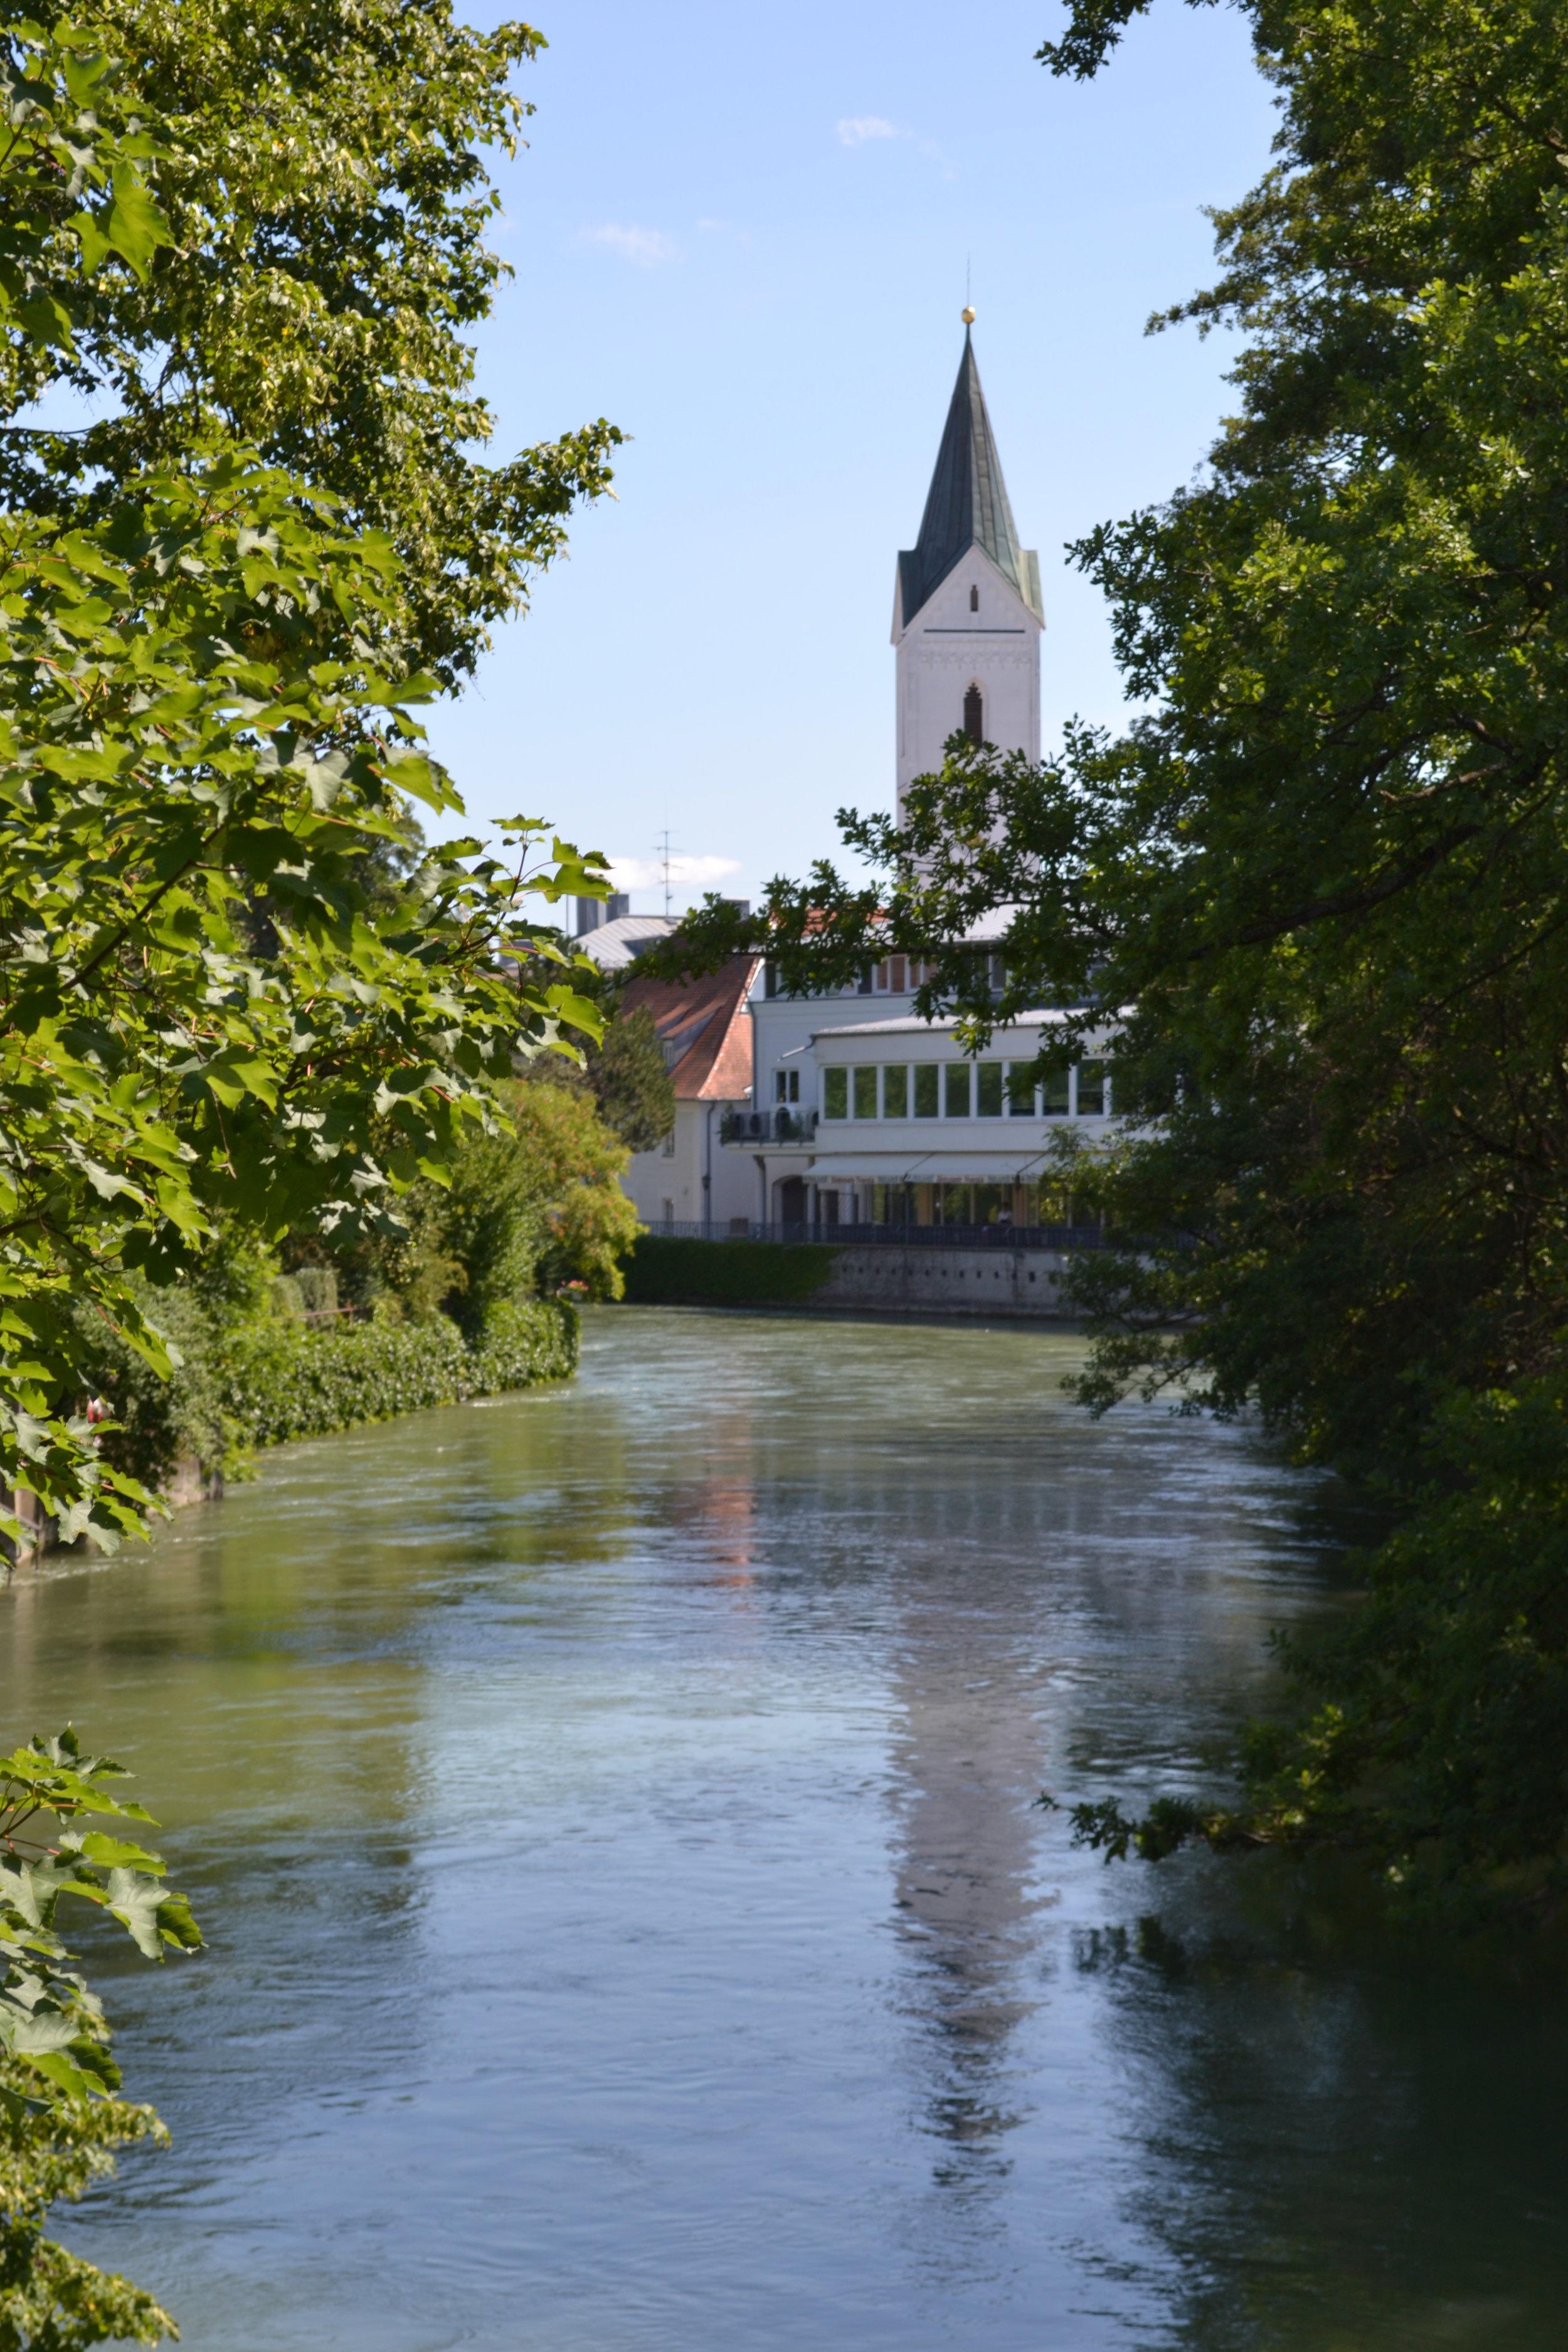 Idyllische Fleckchen und schöne Aussichten mitten in der Stadt findet am besonders am Eisernen Steg.